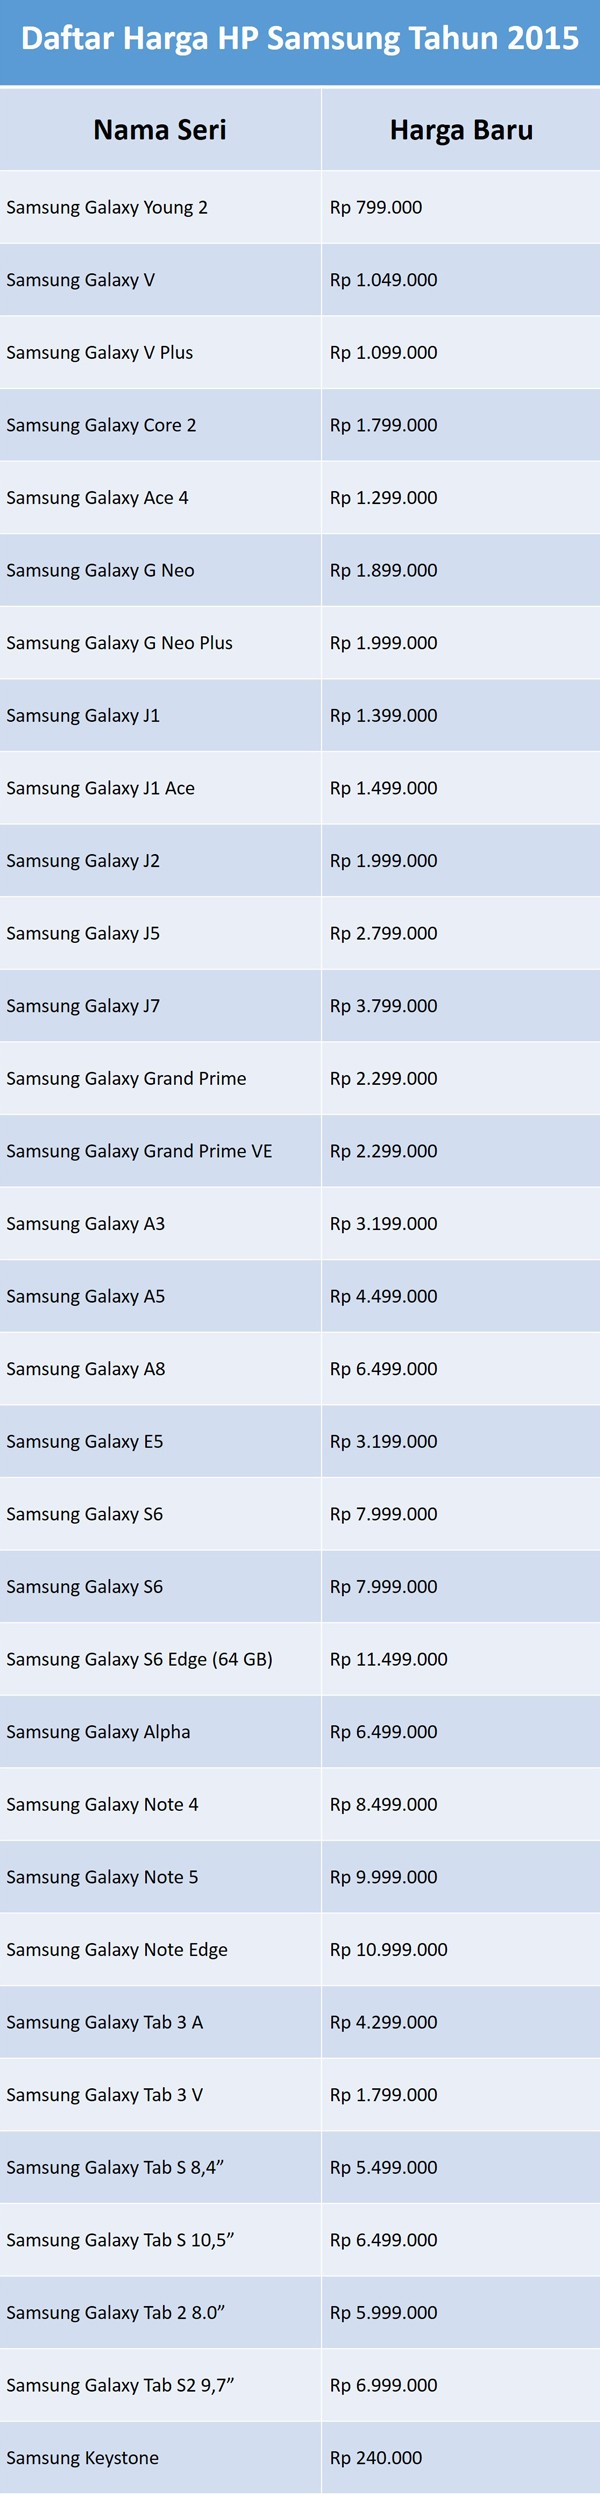 Daftar Harga HP Samsung Tahun 2015 di Indonesia | Gadgetren